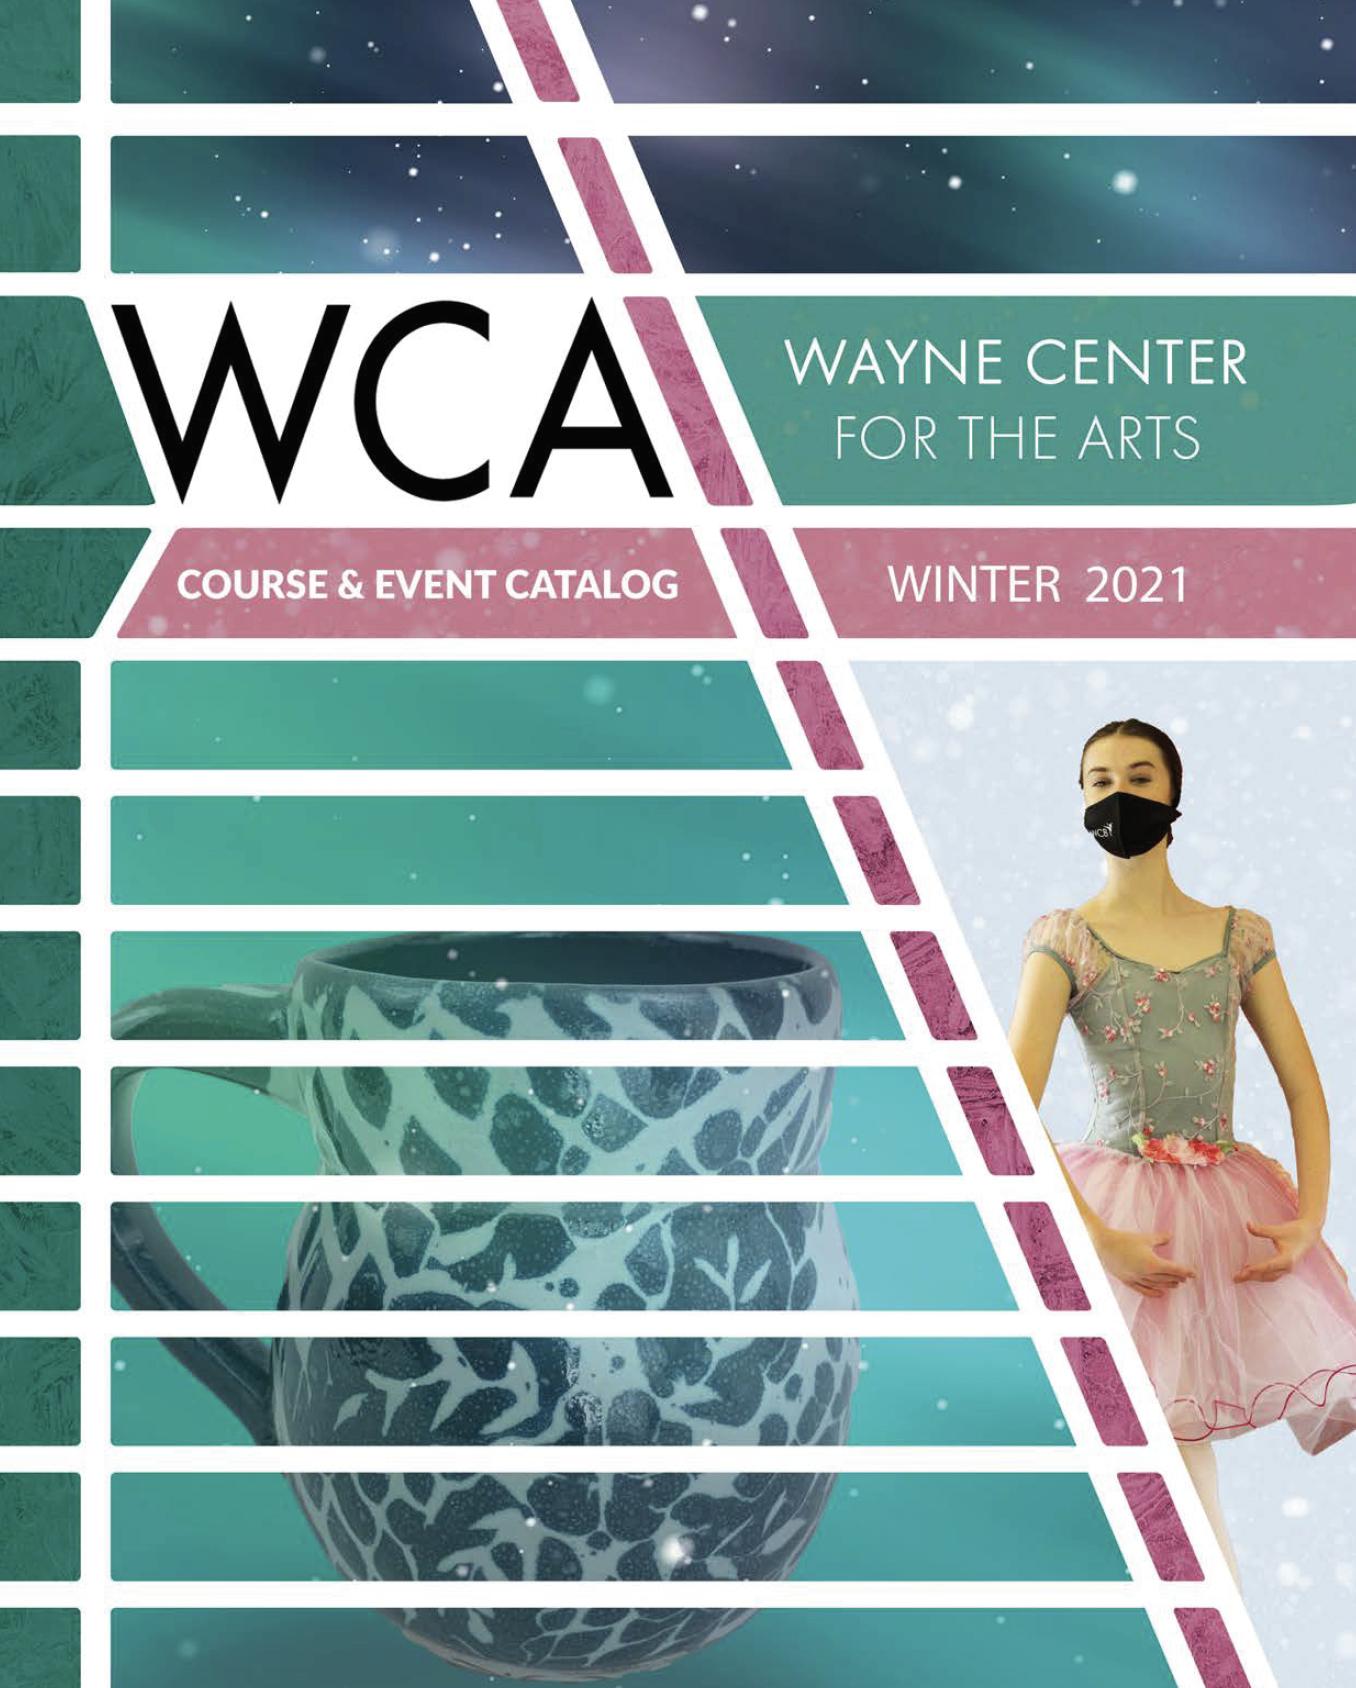 WCA 2021 Winter Course & Event Catalog